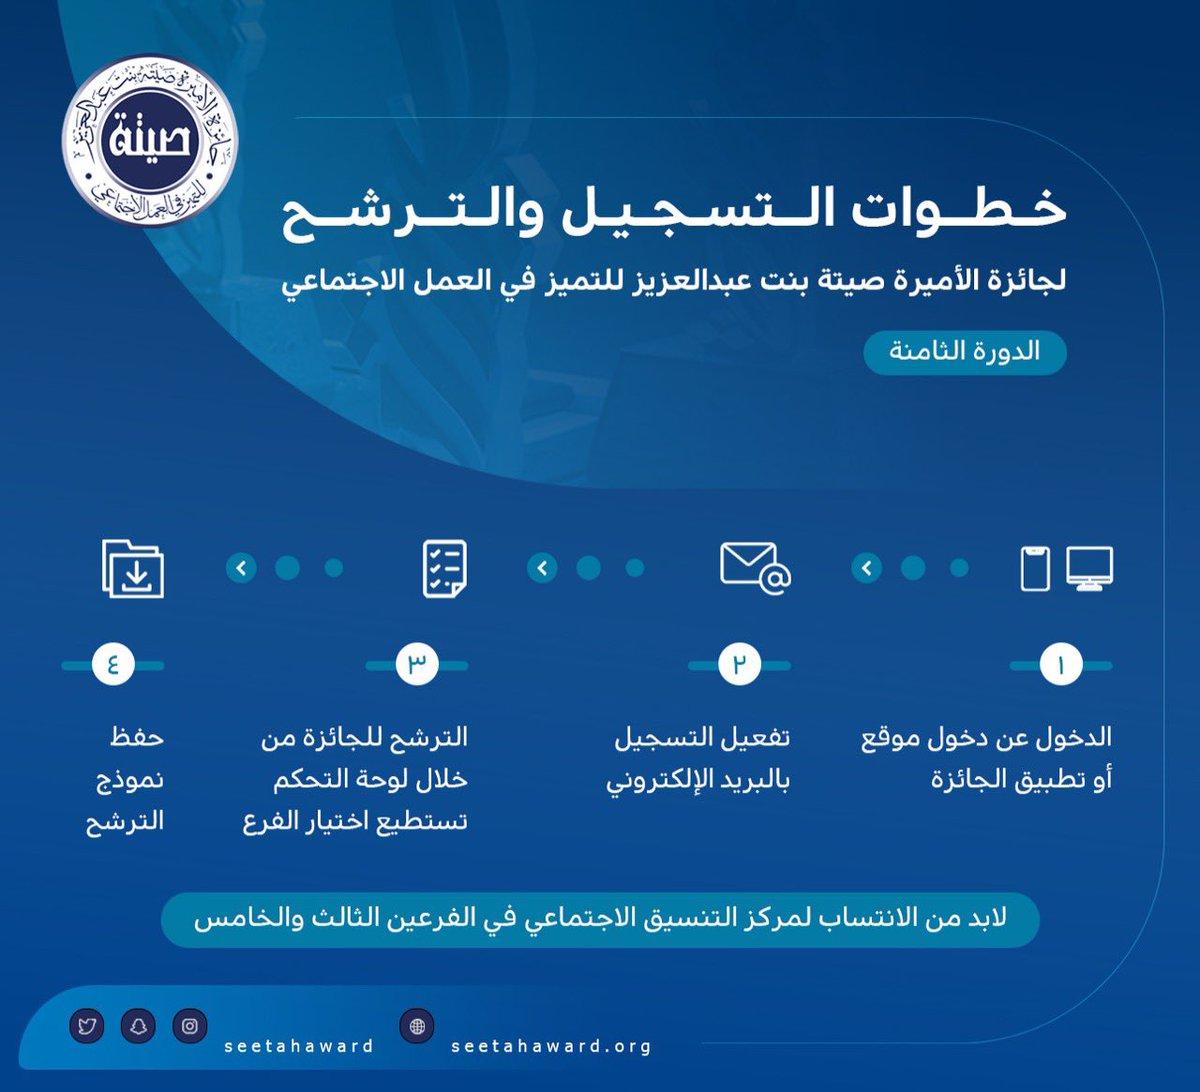 خطوات التسجيل والترشح لجائزة الاميرة صيتة بنت عبدالعزيز للتميز في العمل الاجتماعي.